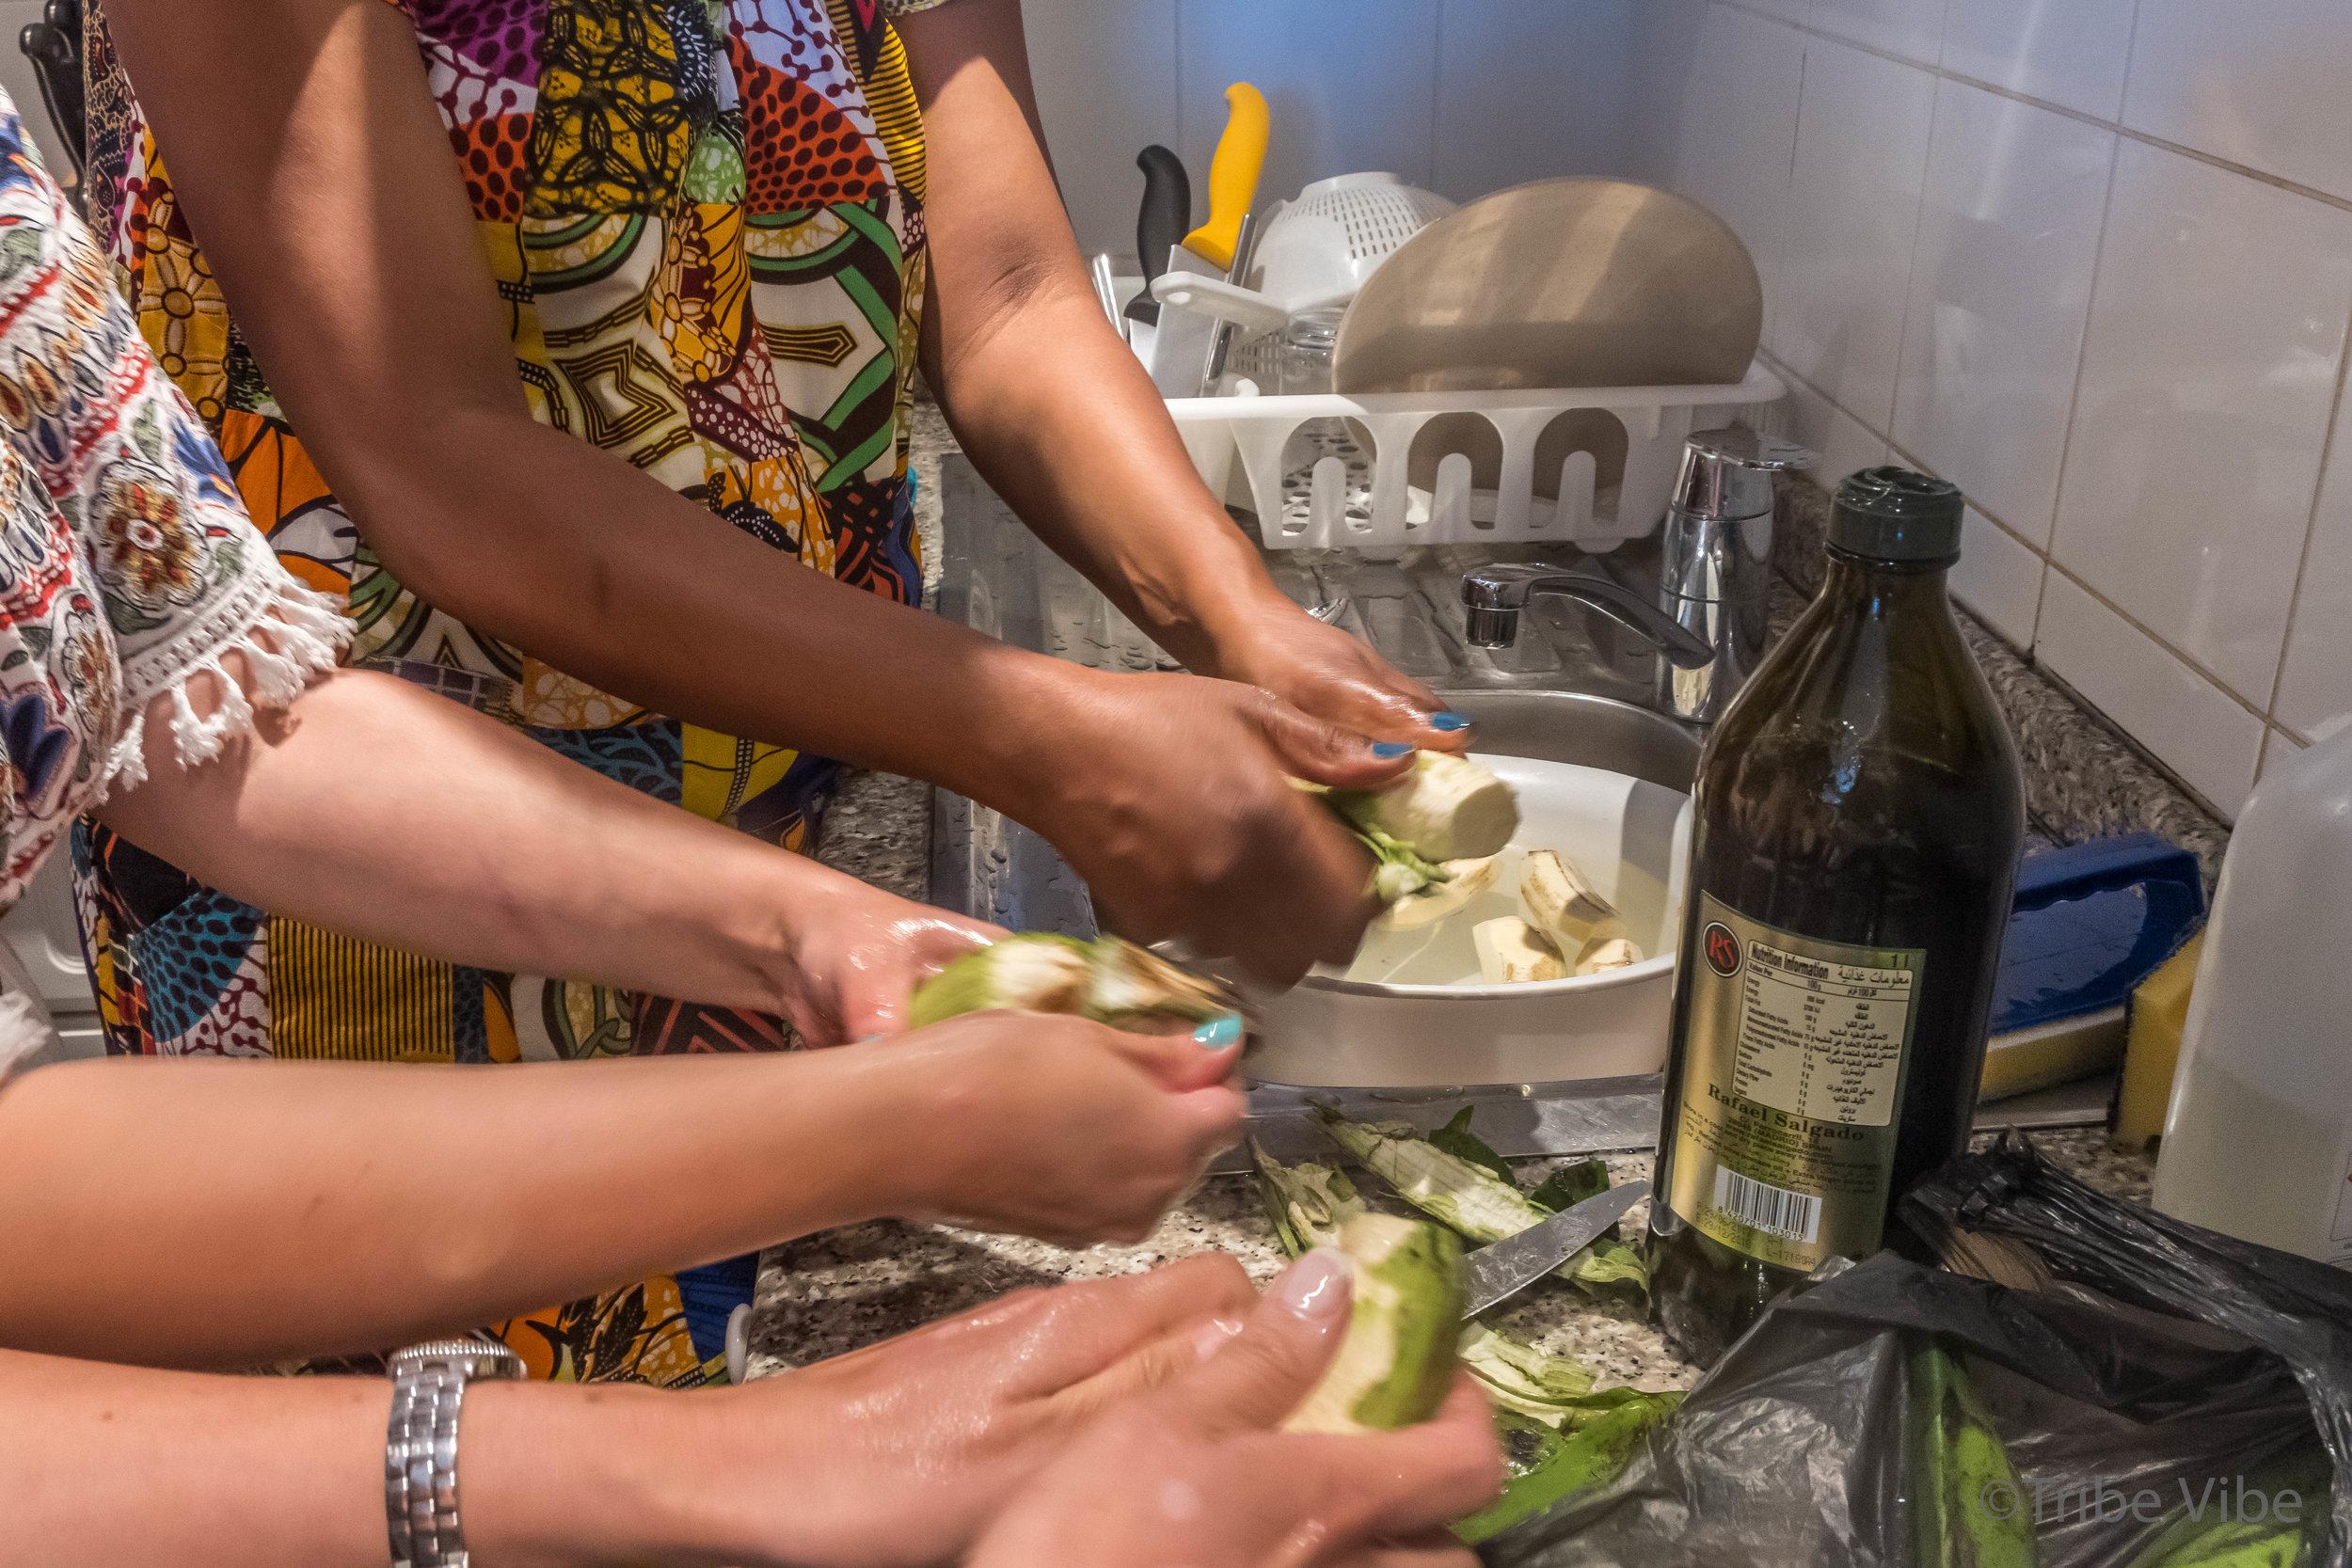 Mtori recipe_peeling bananas_3.jpg